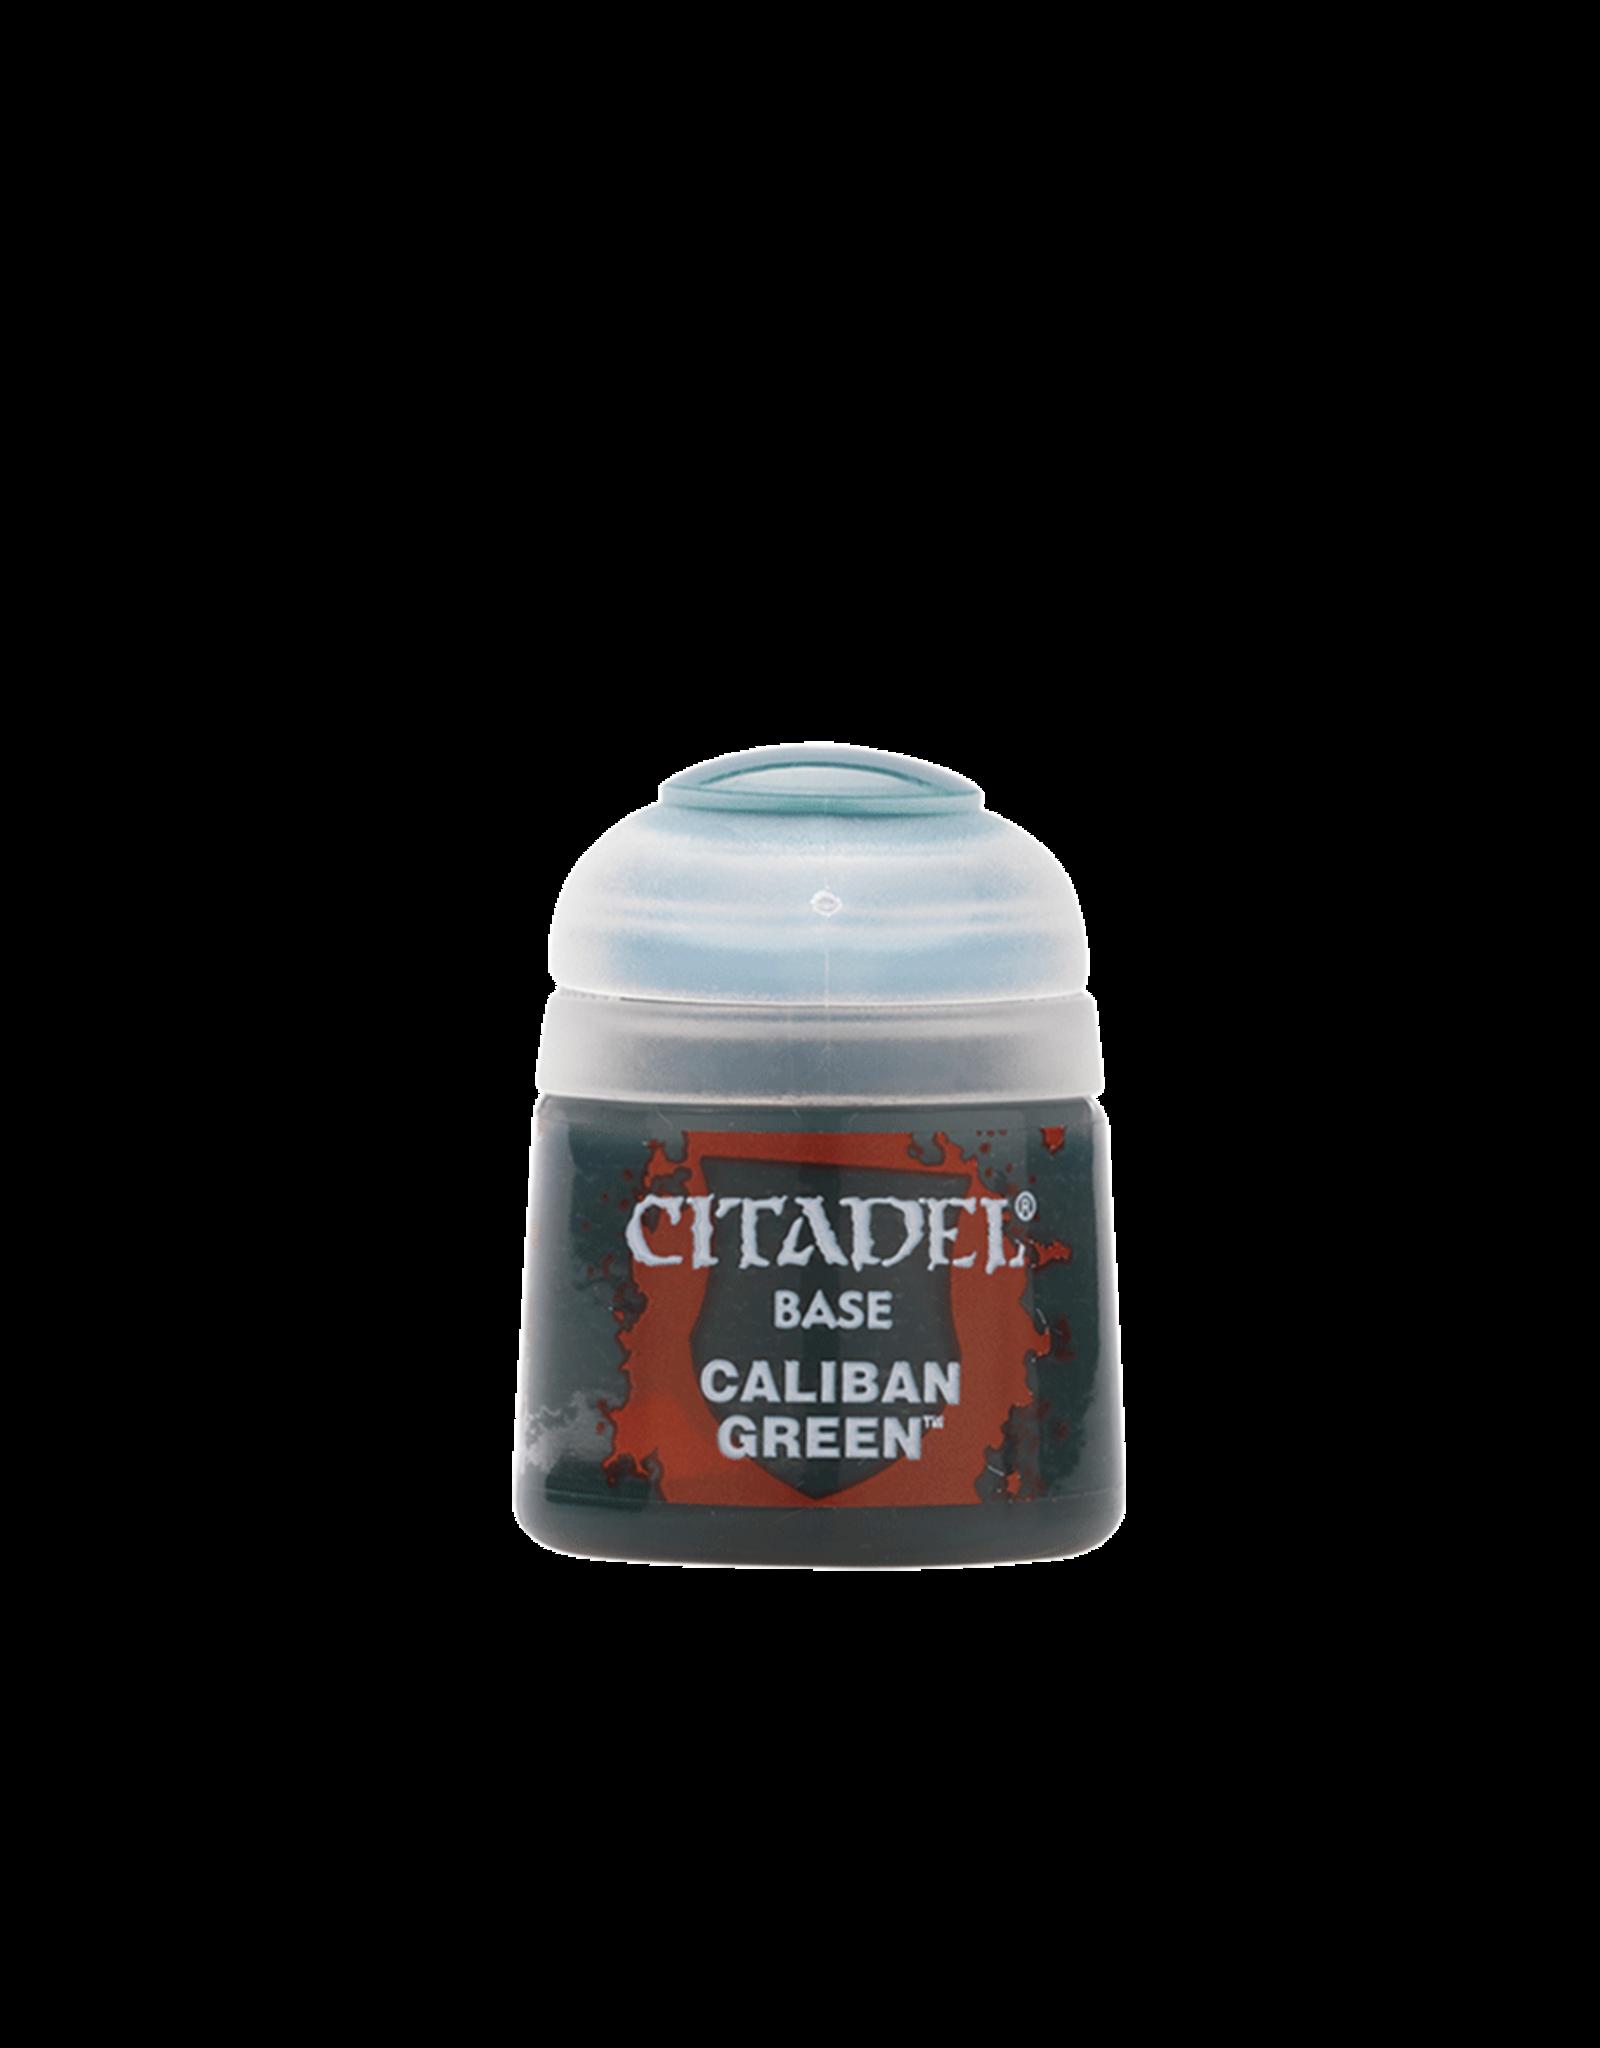 Citadel Caliban Green